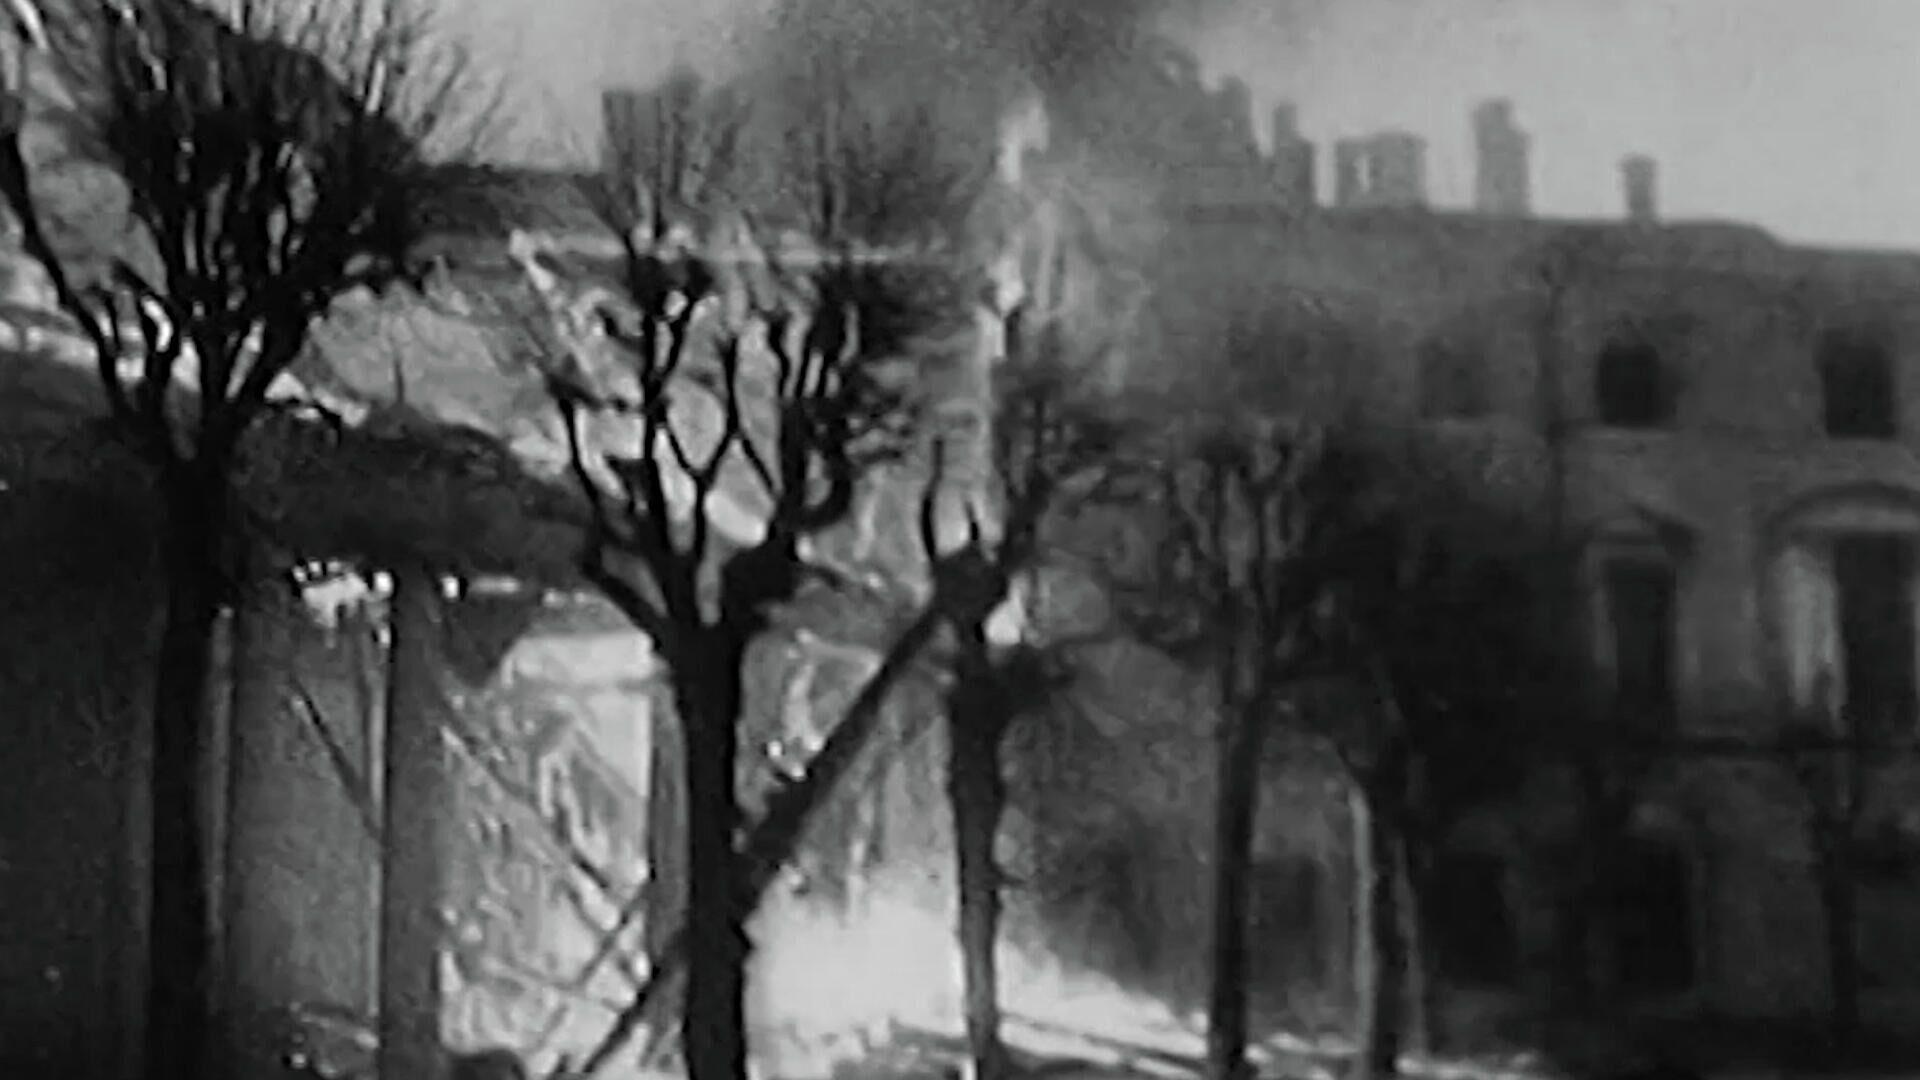 Πολιορκία του Λένινγκραντ: Η ημέρα που ξεκίνησε η πιο αιματηρή πολιορκία στην ιστορία - Sputnik Ελλάδα, 1920, 08.09.2021